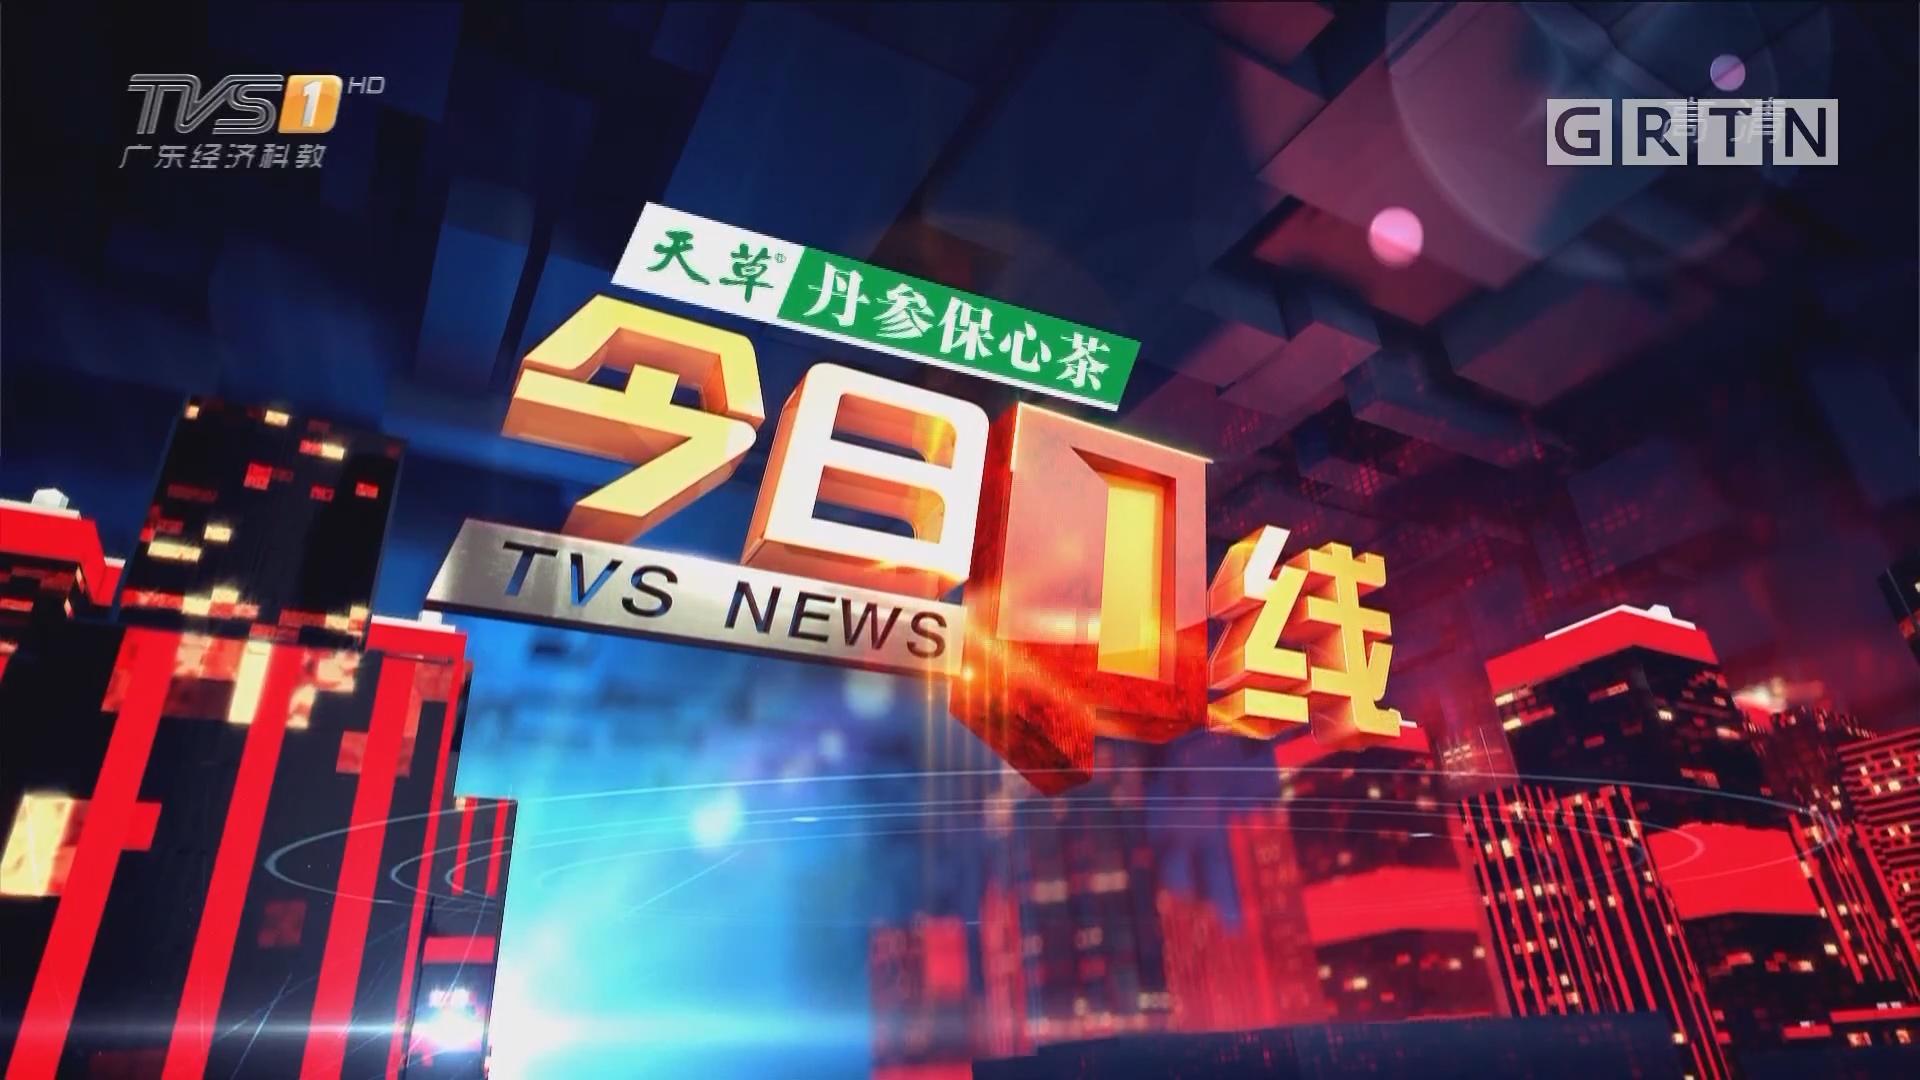 [HD][2019-02-03]今日一线:广州:直升机巡航 广州各出省高速路段均无拥堵